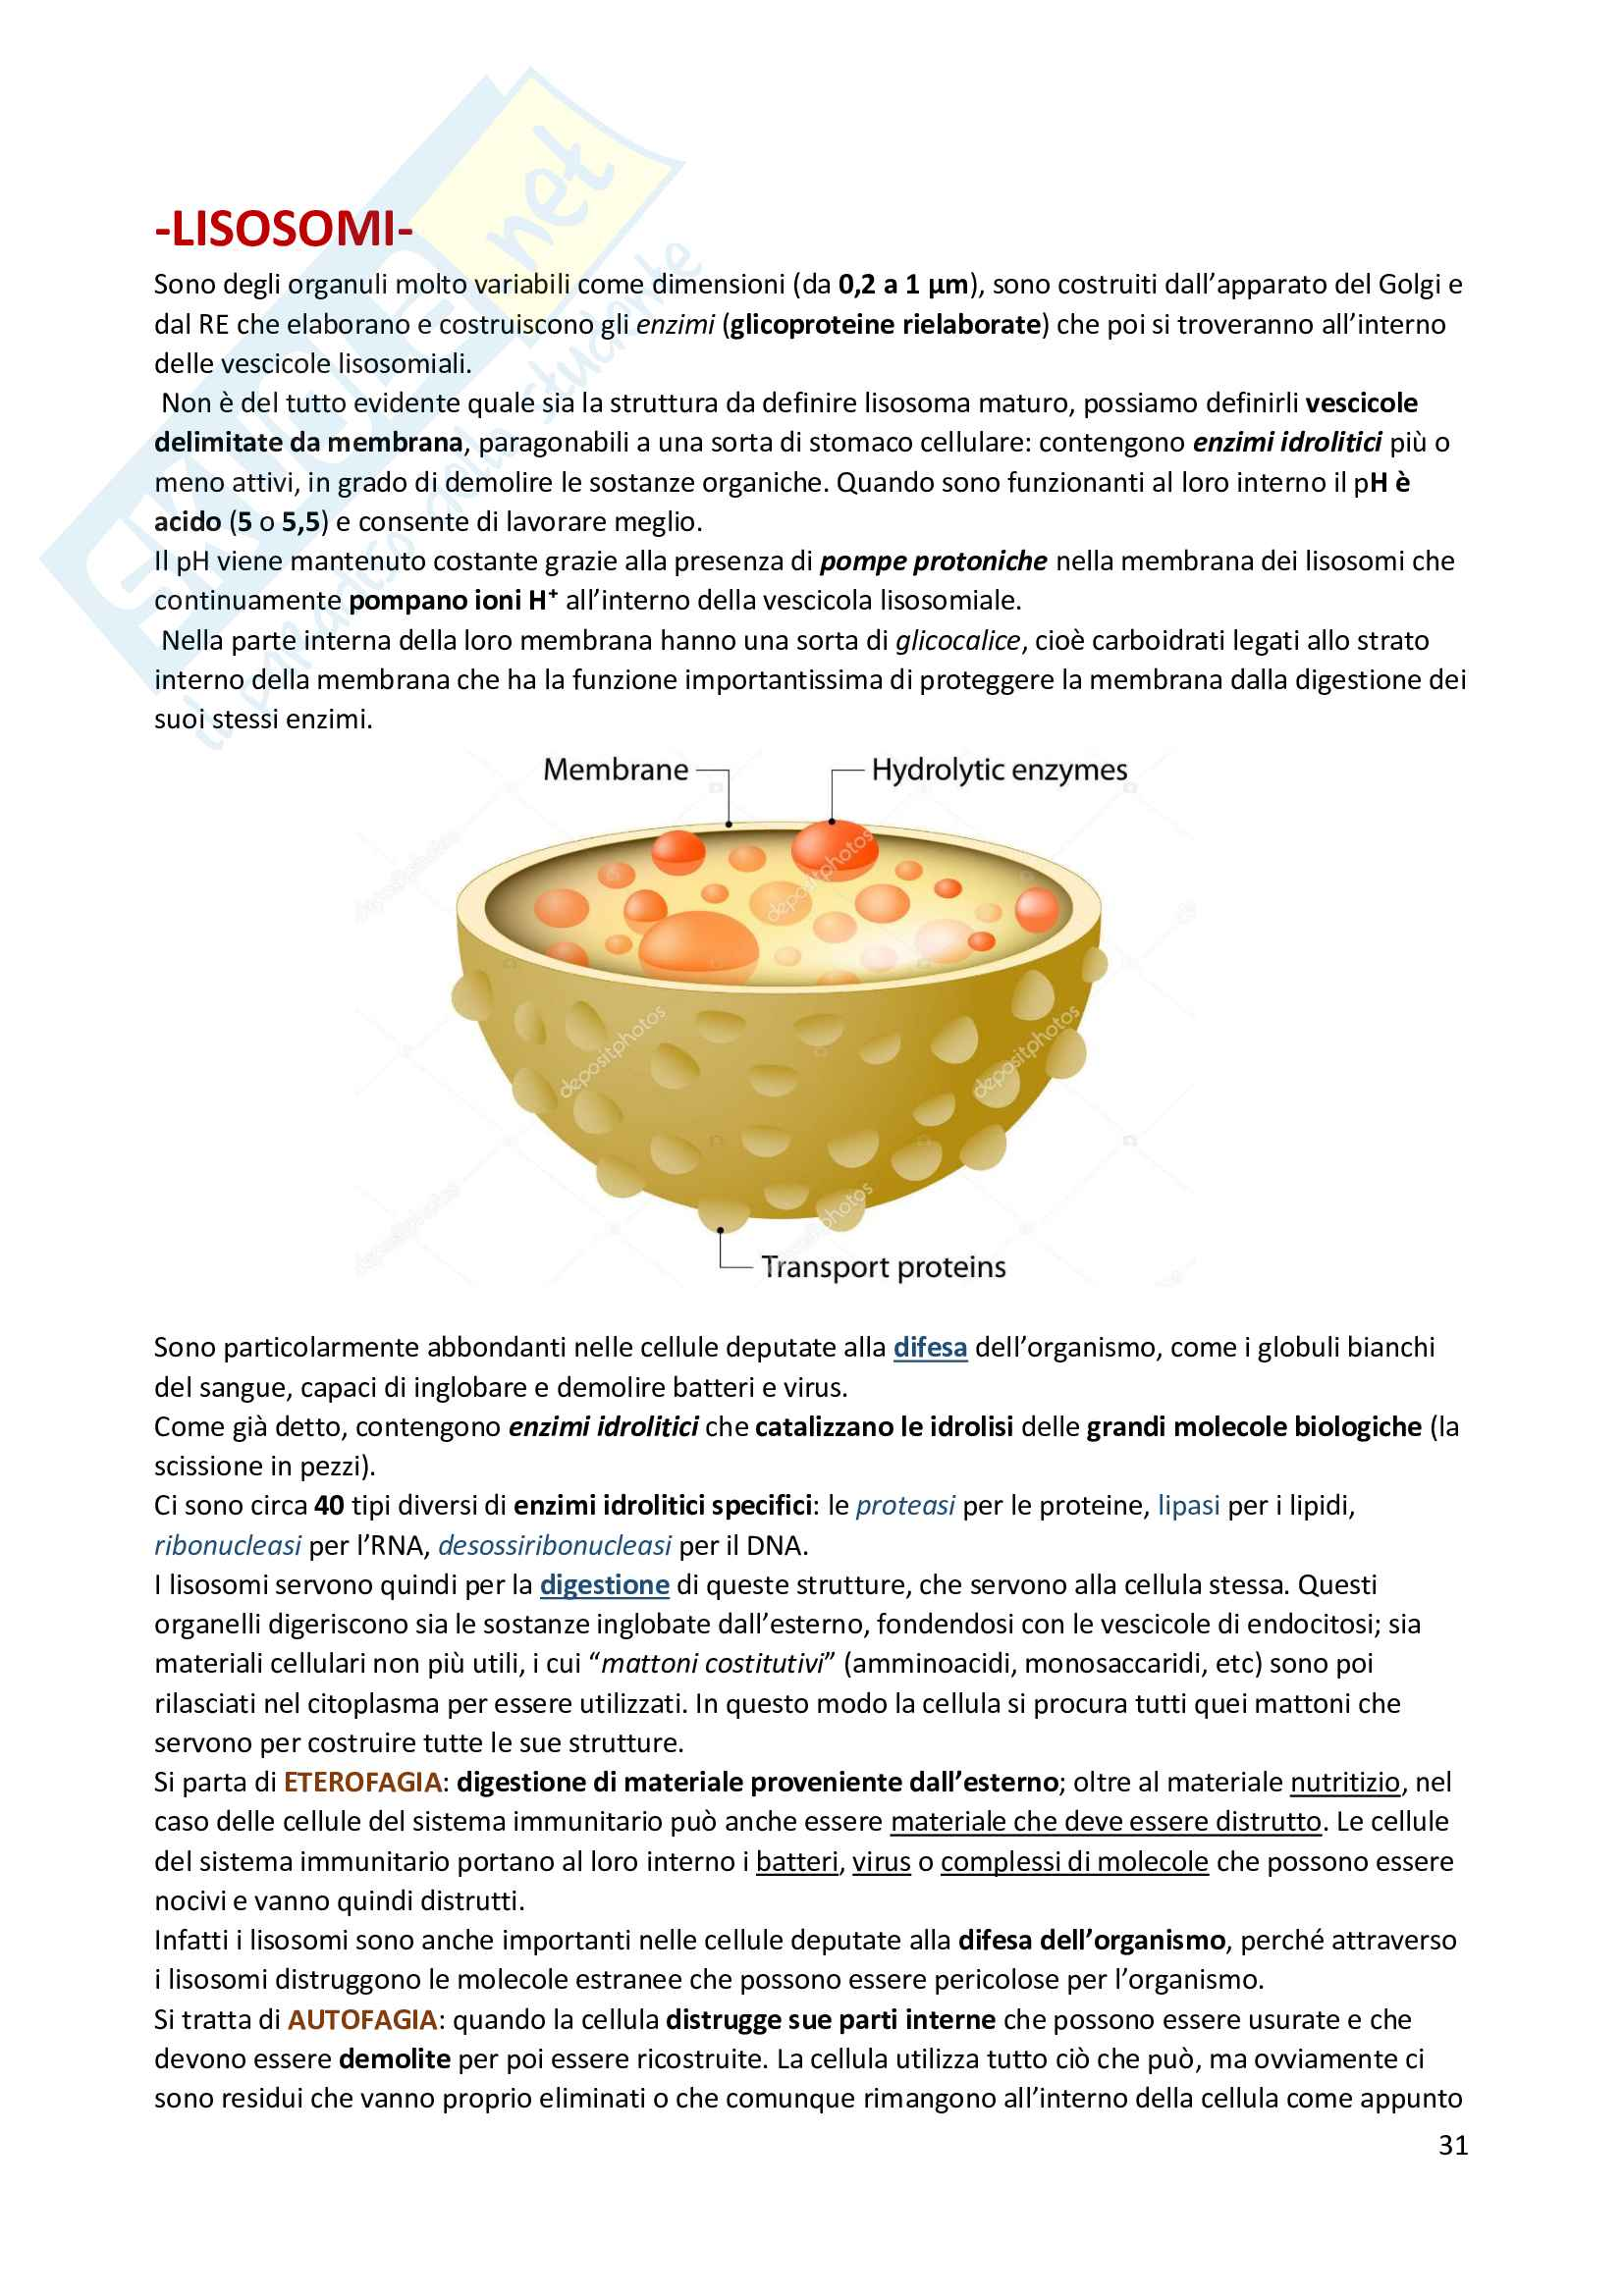 Riassunto di Biologia: utile alla preparazione ai test d'ammissione per le facoltà scientifiche Pag. 31